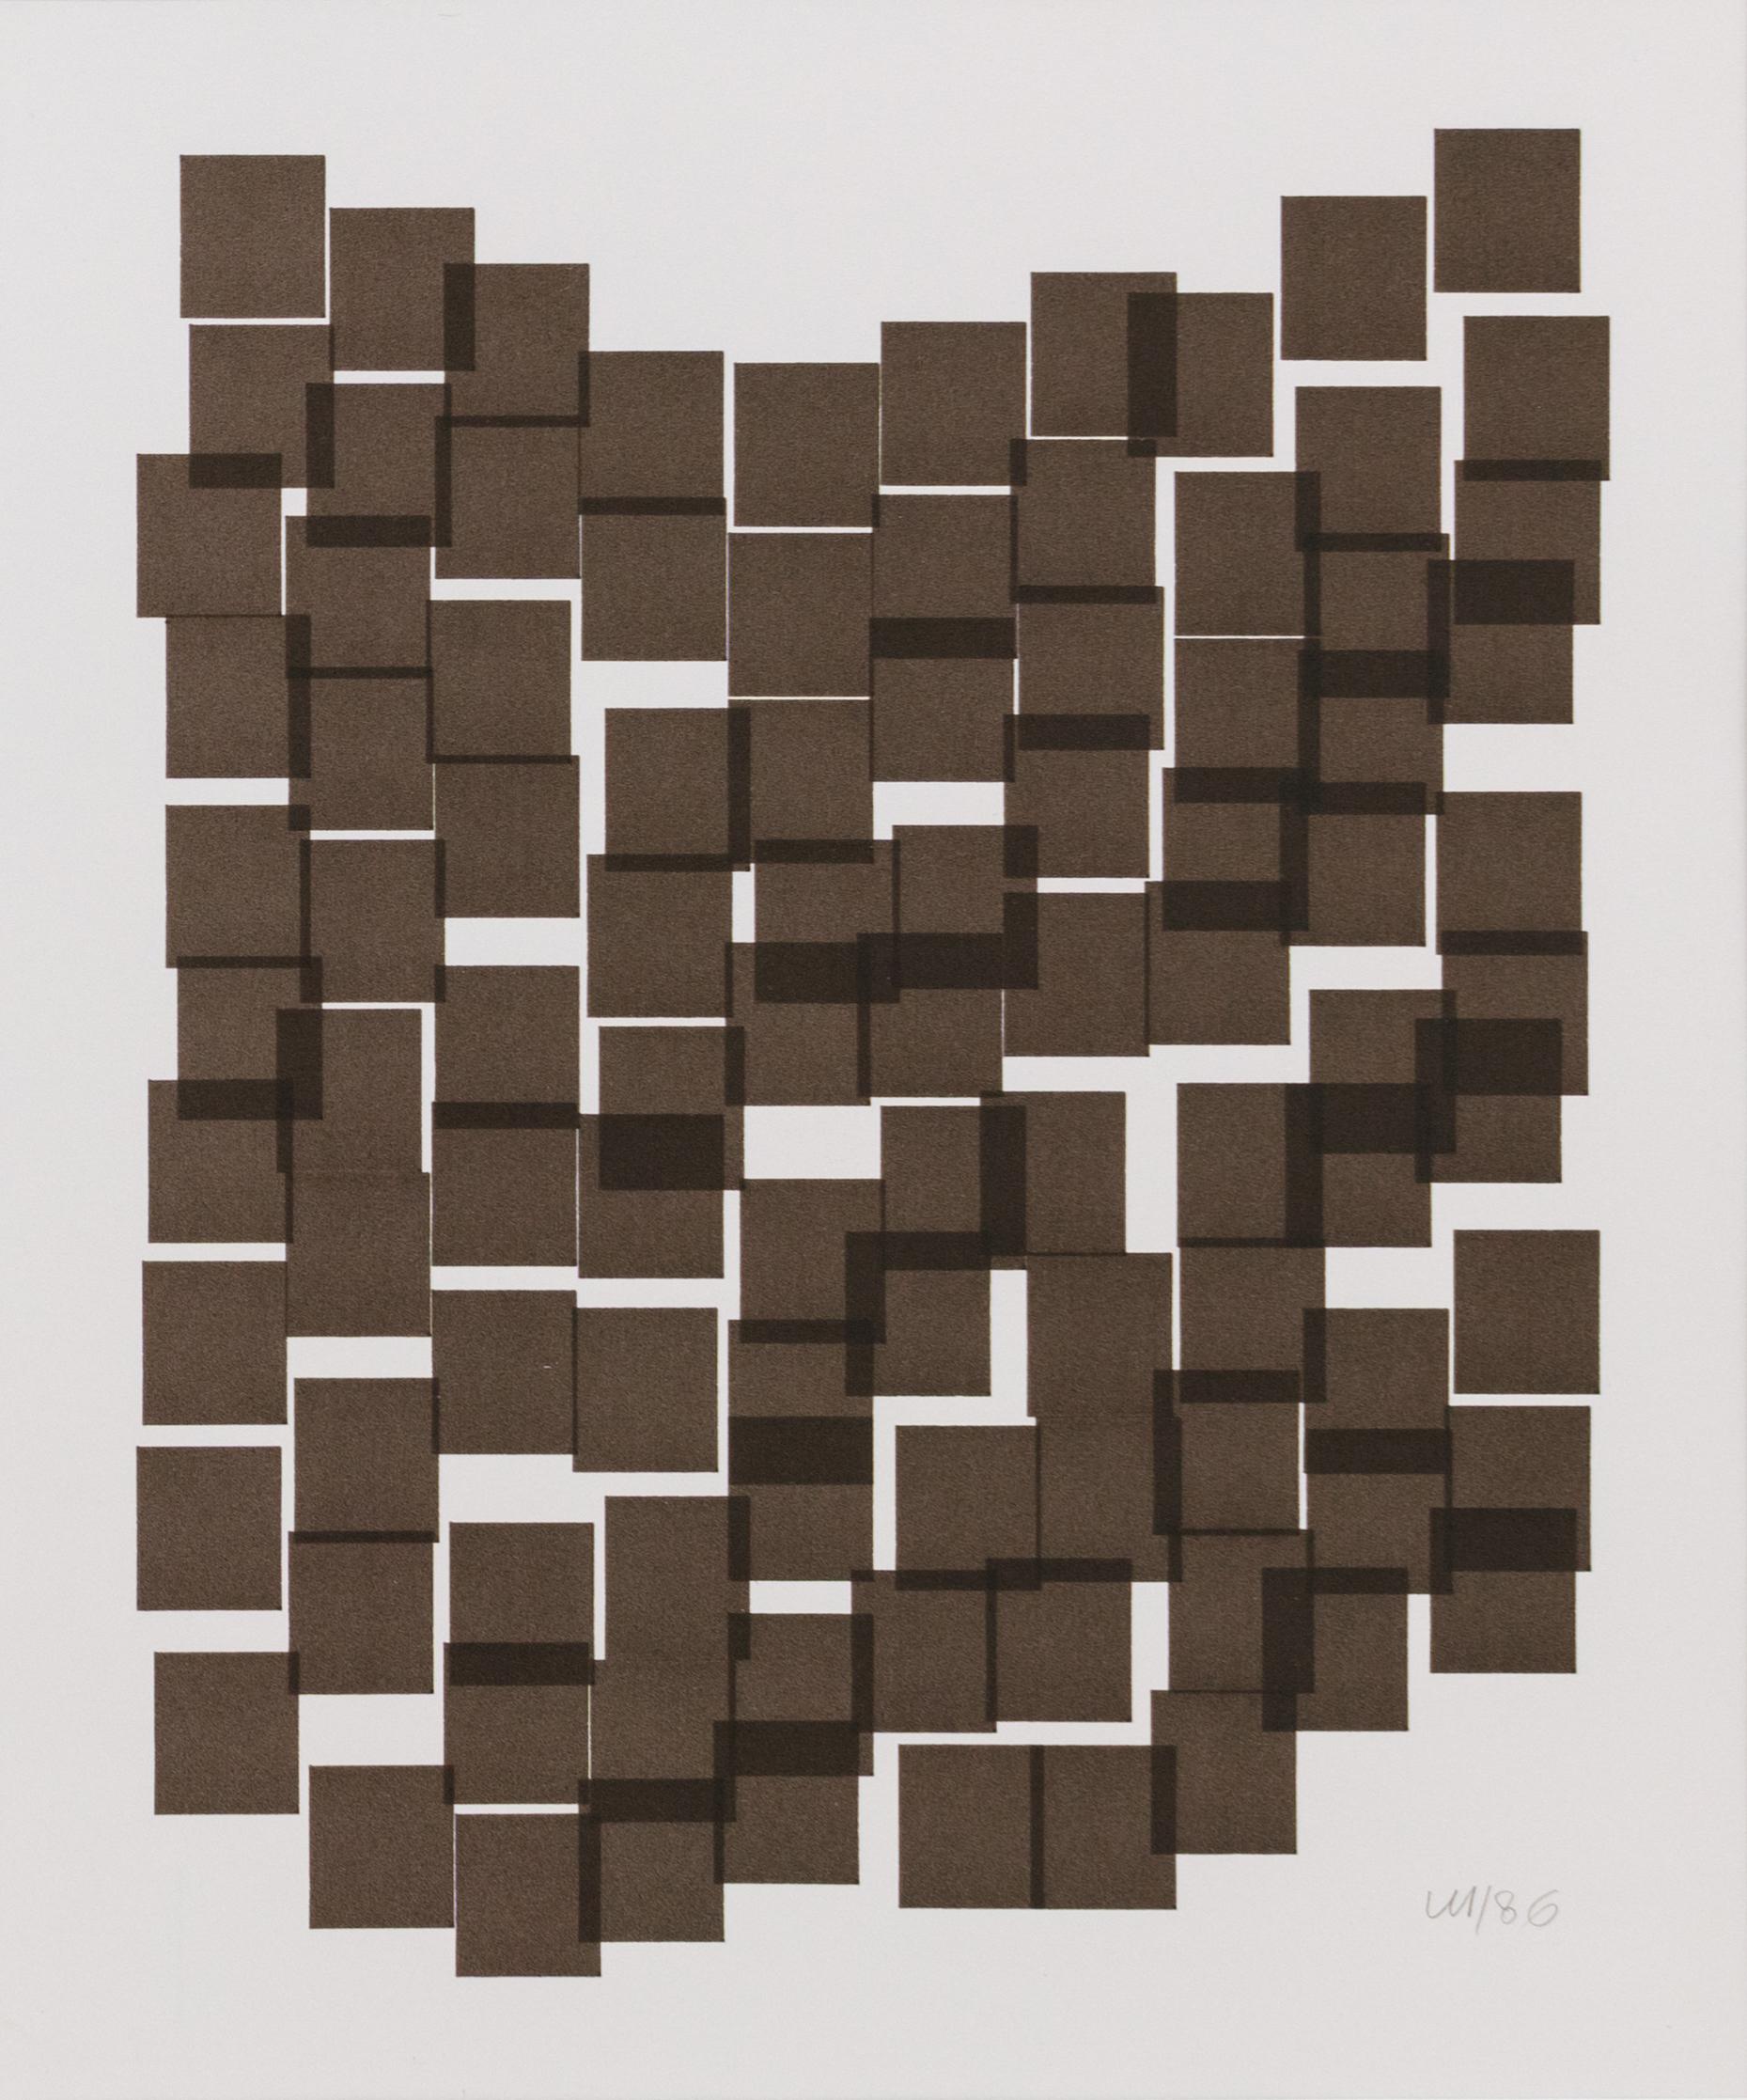 Vera Molnar, 100 Carrés, Plotterzeichnung, Tinte auf Papier, 27 x 22 cm, 1986